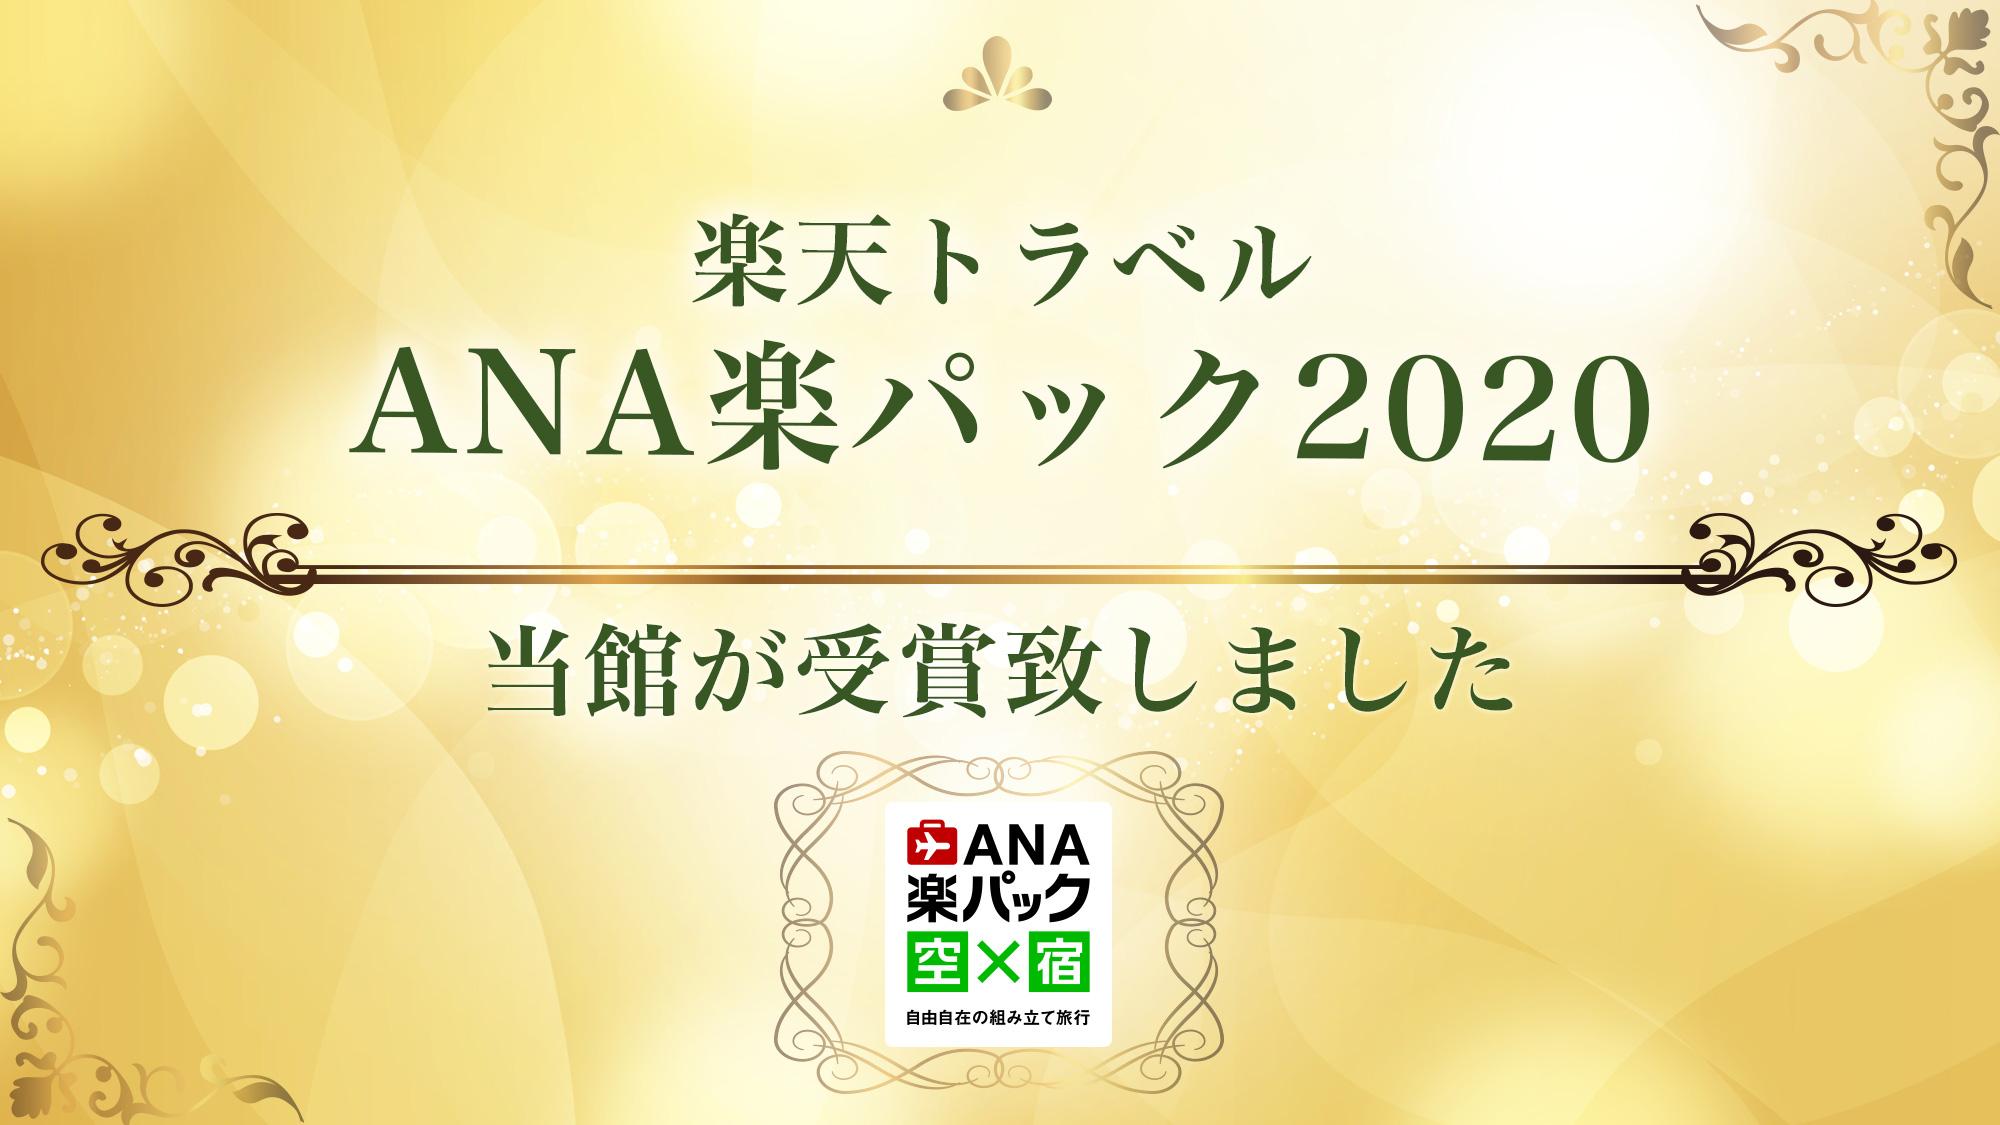 ANA楽パック2020受賞